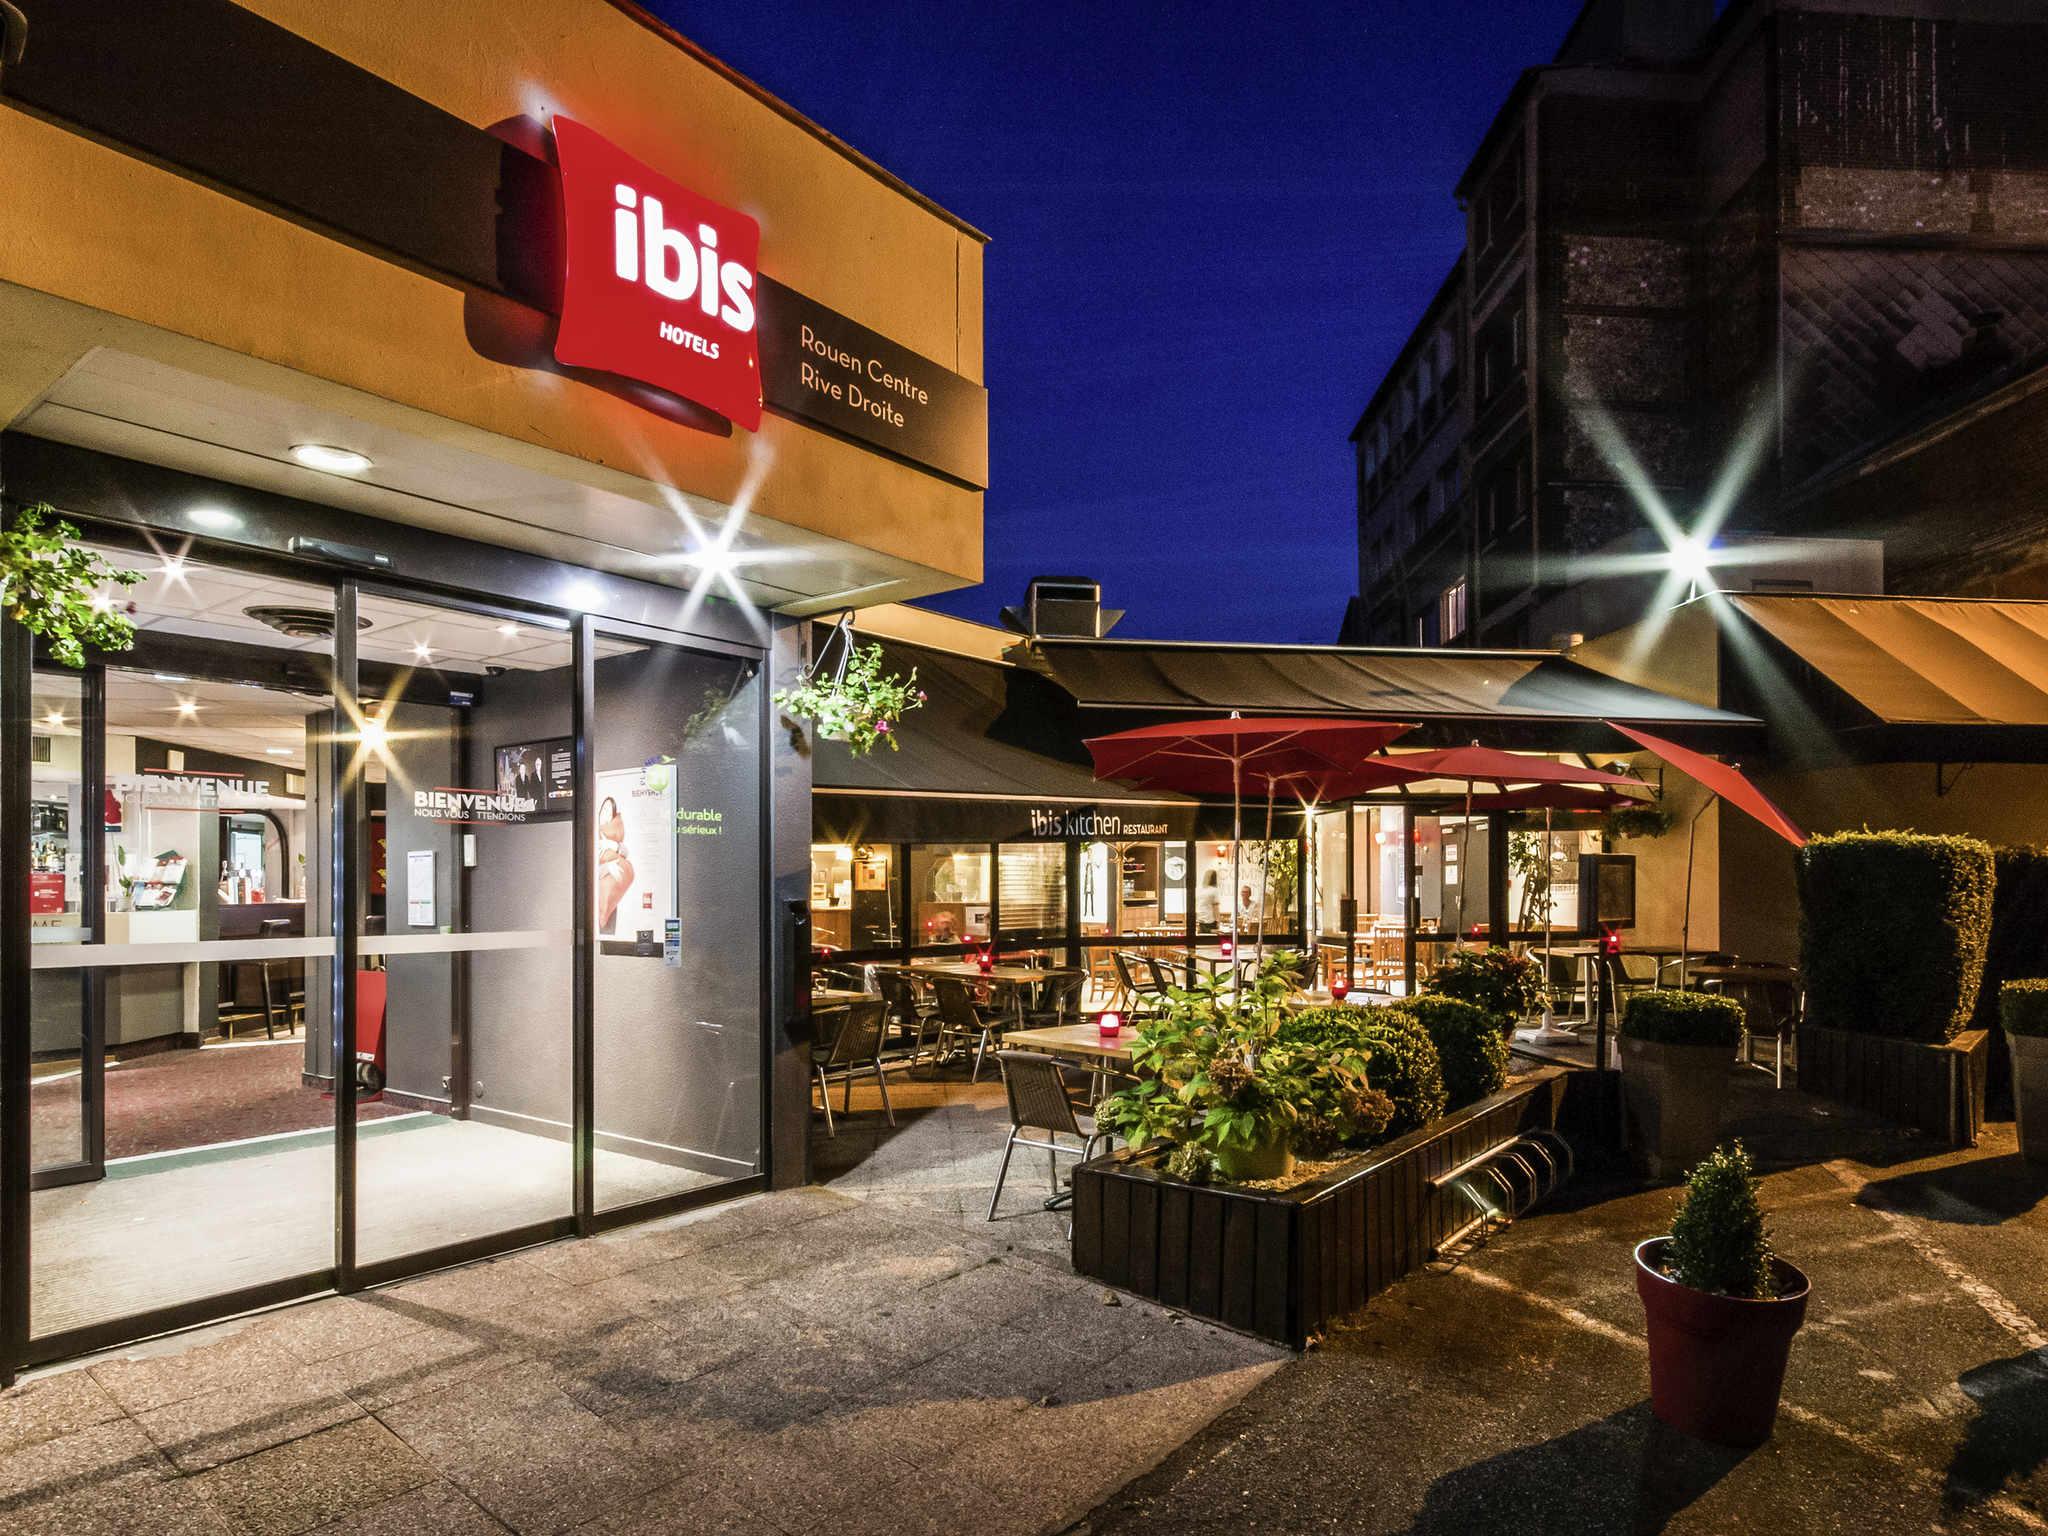 Hotel In Rouen - Ibis Centre Rive Droite